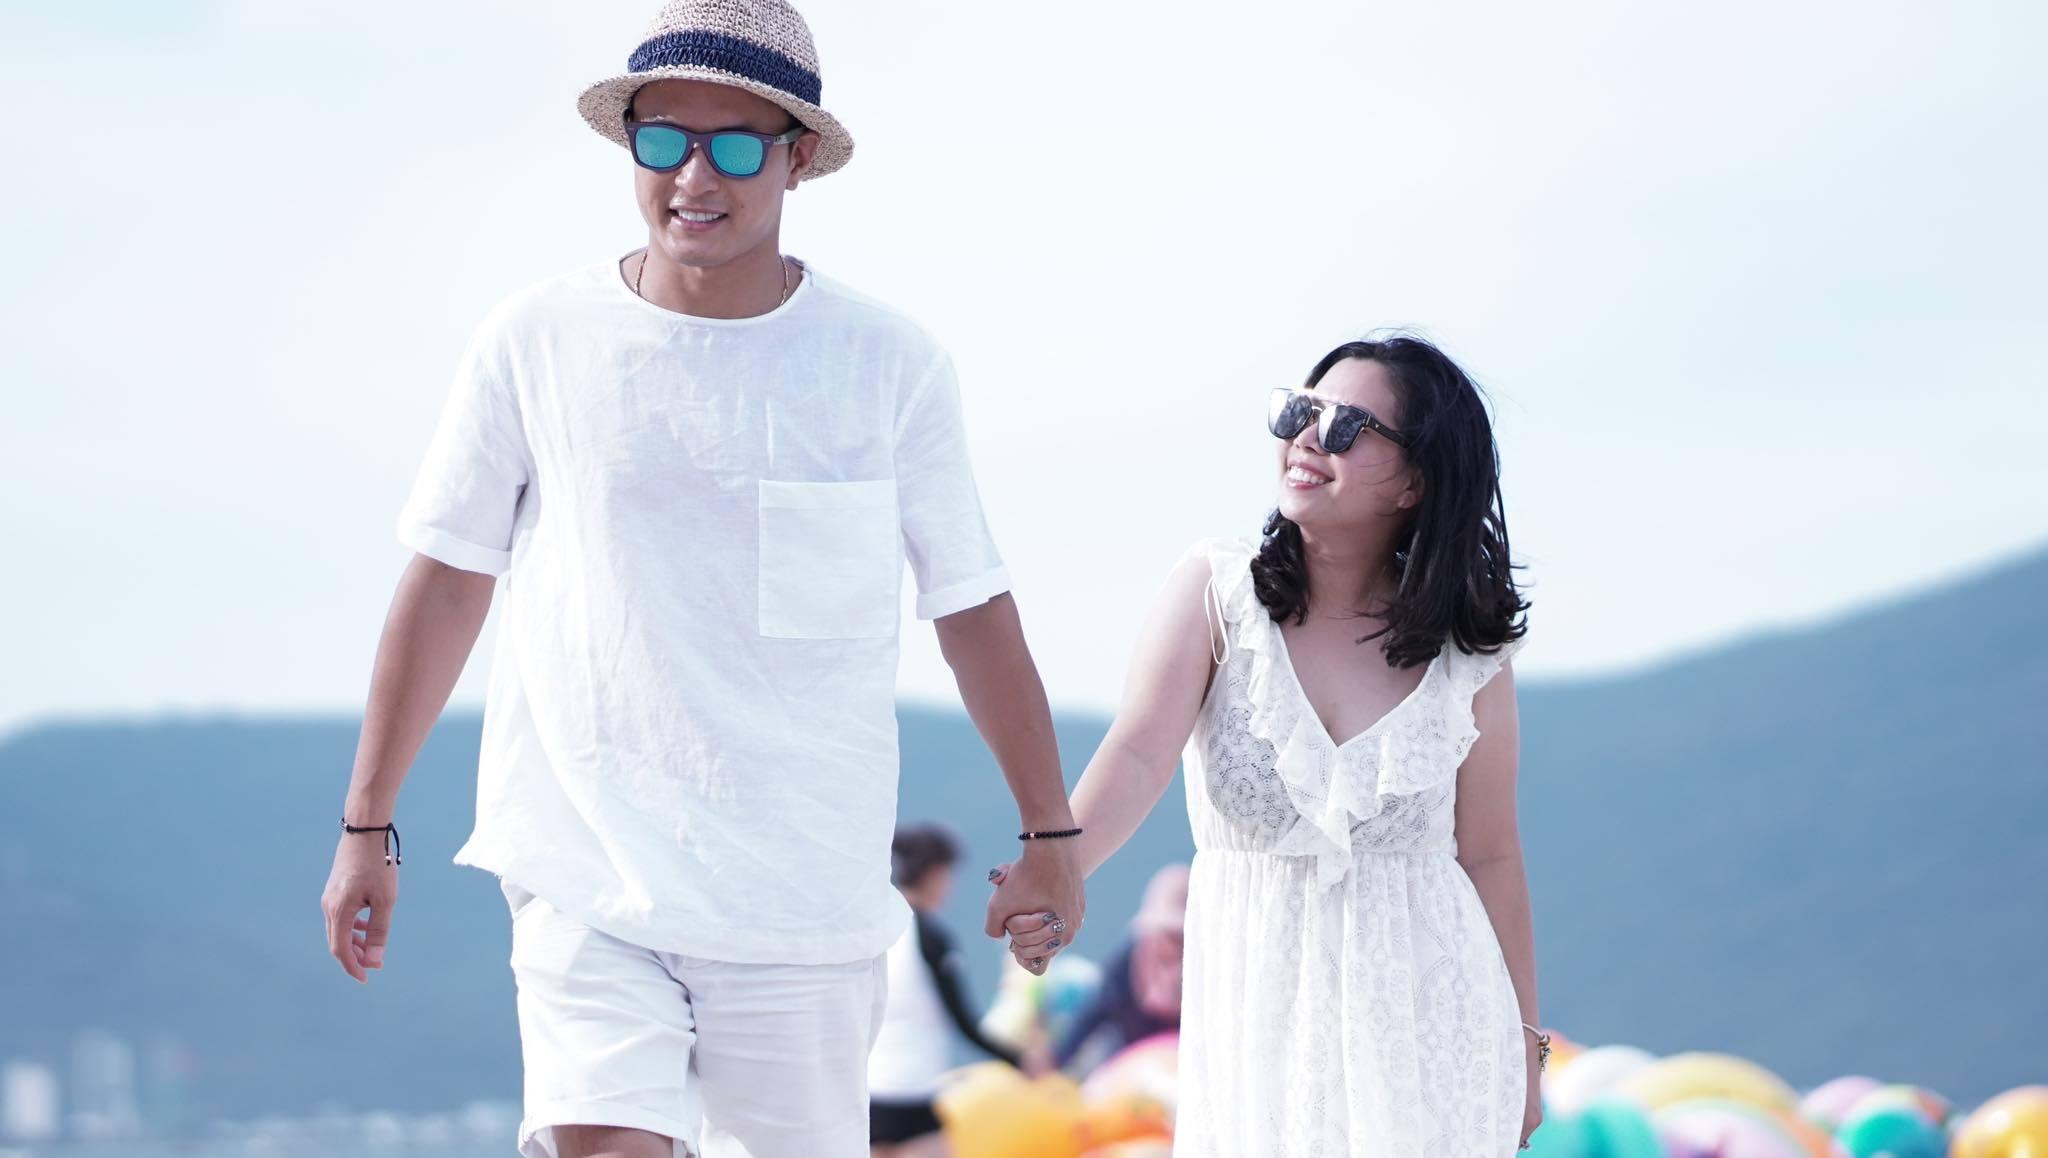 Bà xã khéo léo, chiều chồng hết mình của diễn viên Hồng Đăng